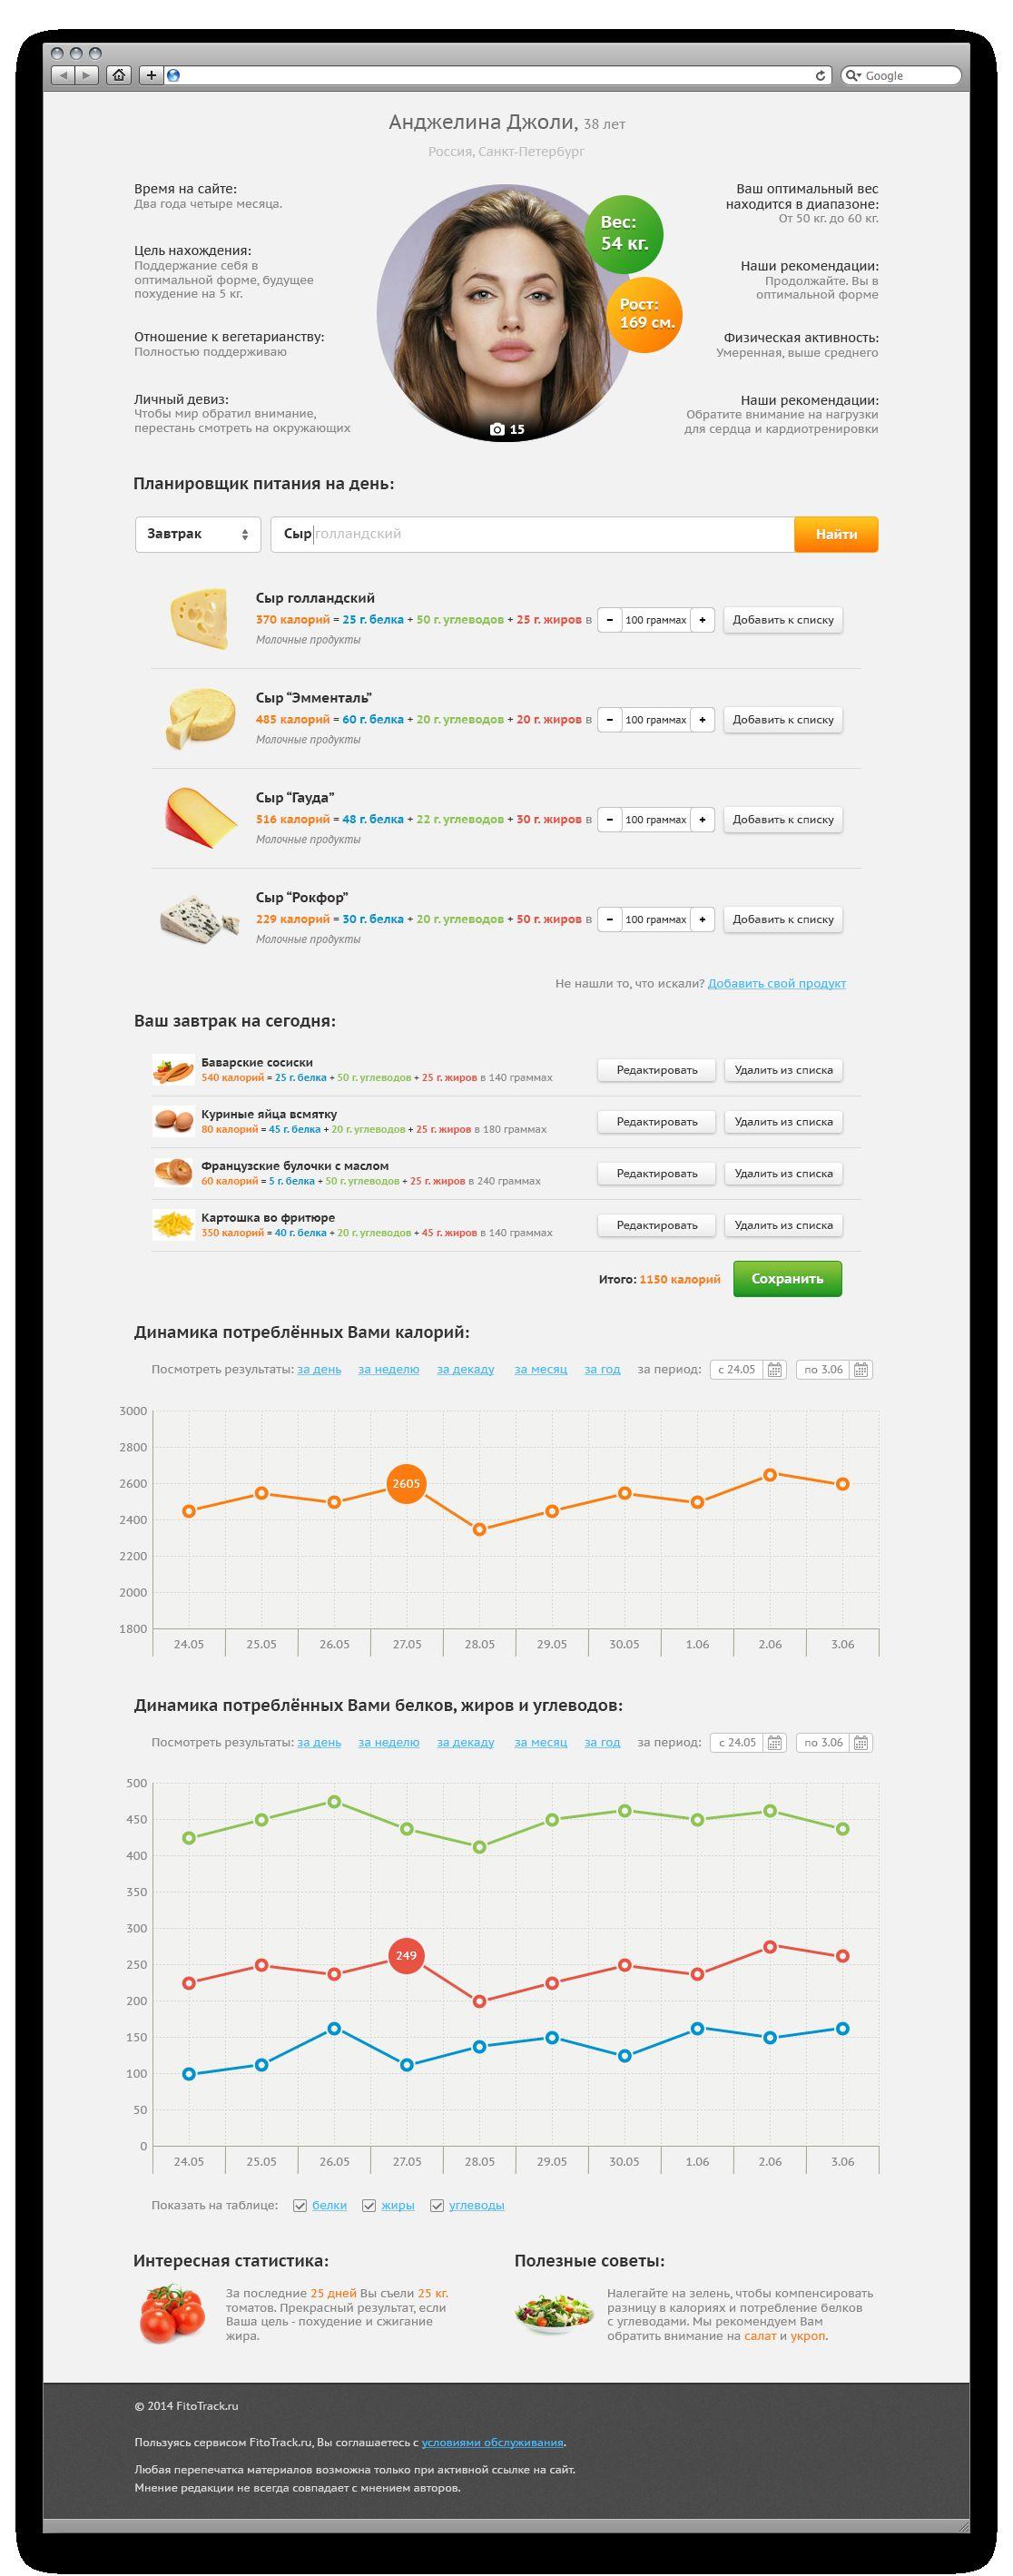 Дизайн сервиса здорового питания и упражнений - дизайнер UltraKruto